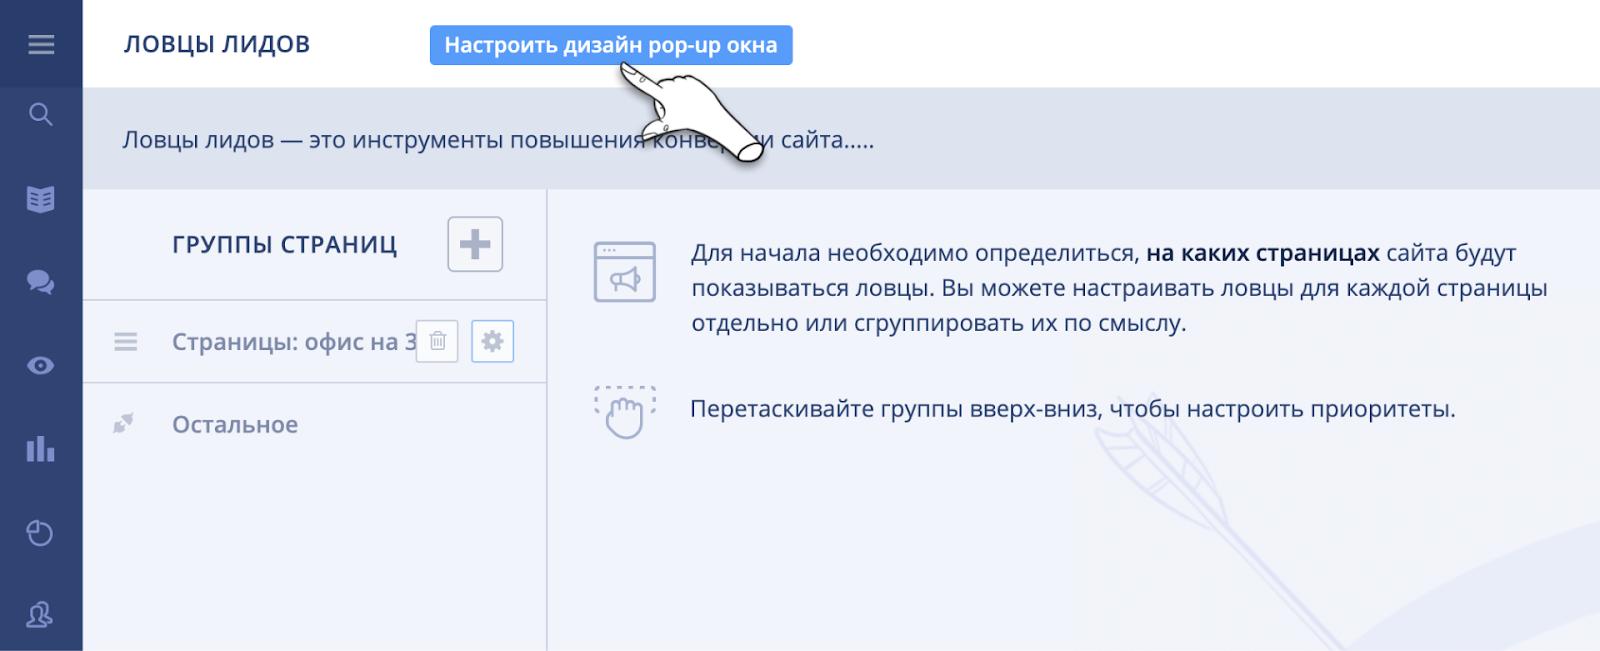 Вызвать редактор внешнего вида pop-up окон